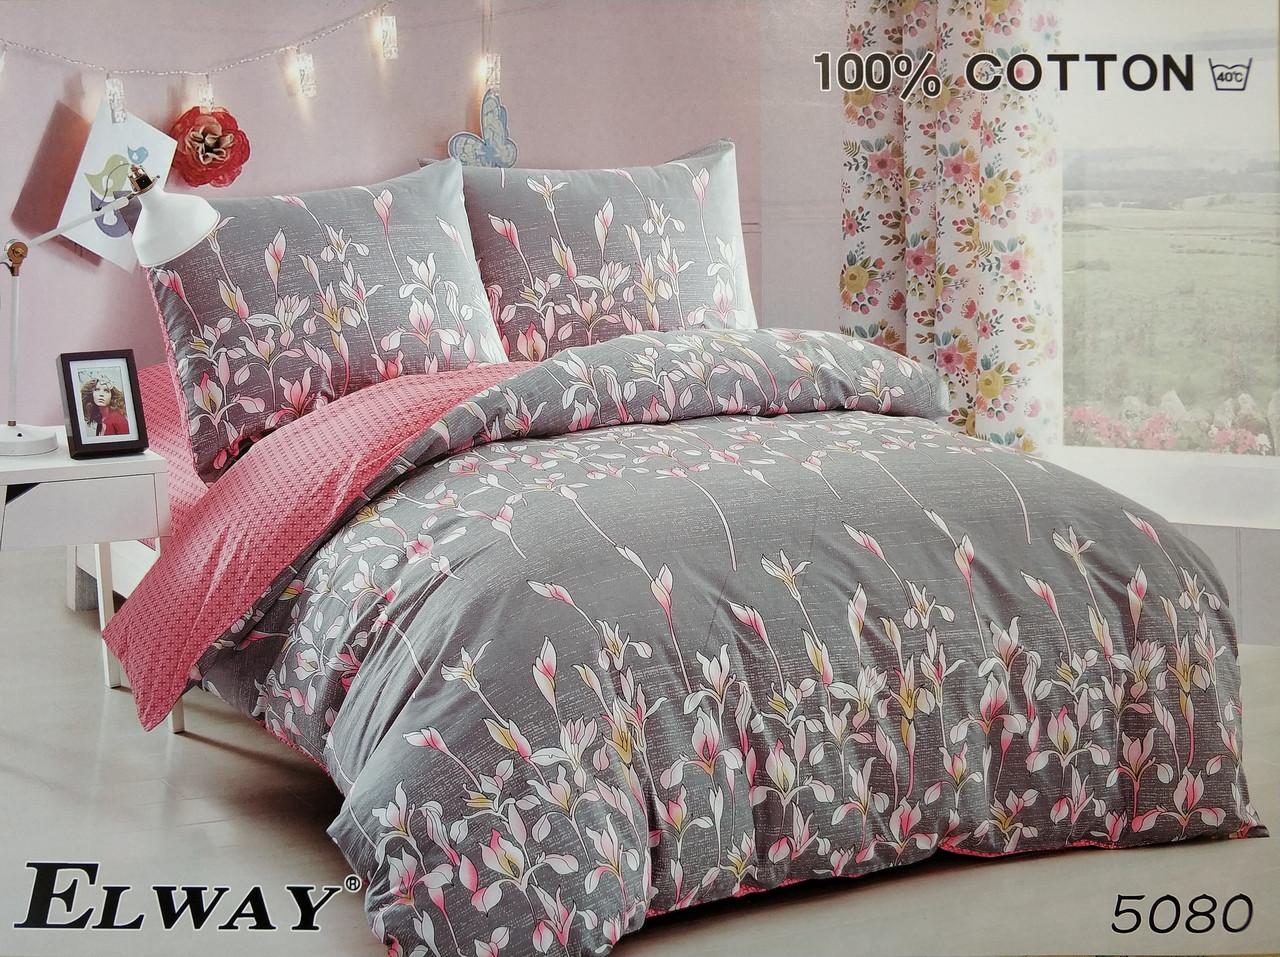 Сатиновое постельное белье семейное ELWAY 5080 «Цветы»